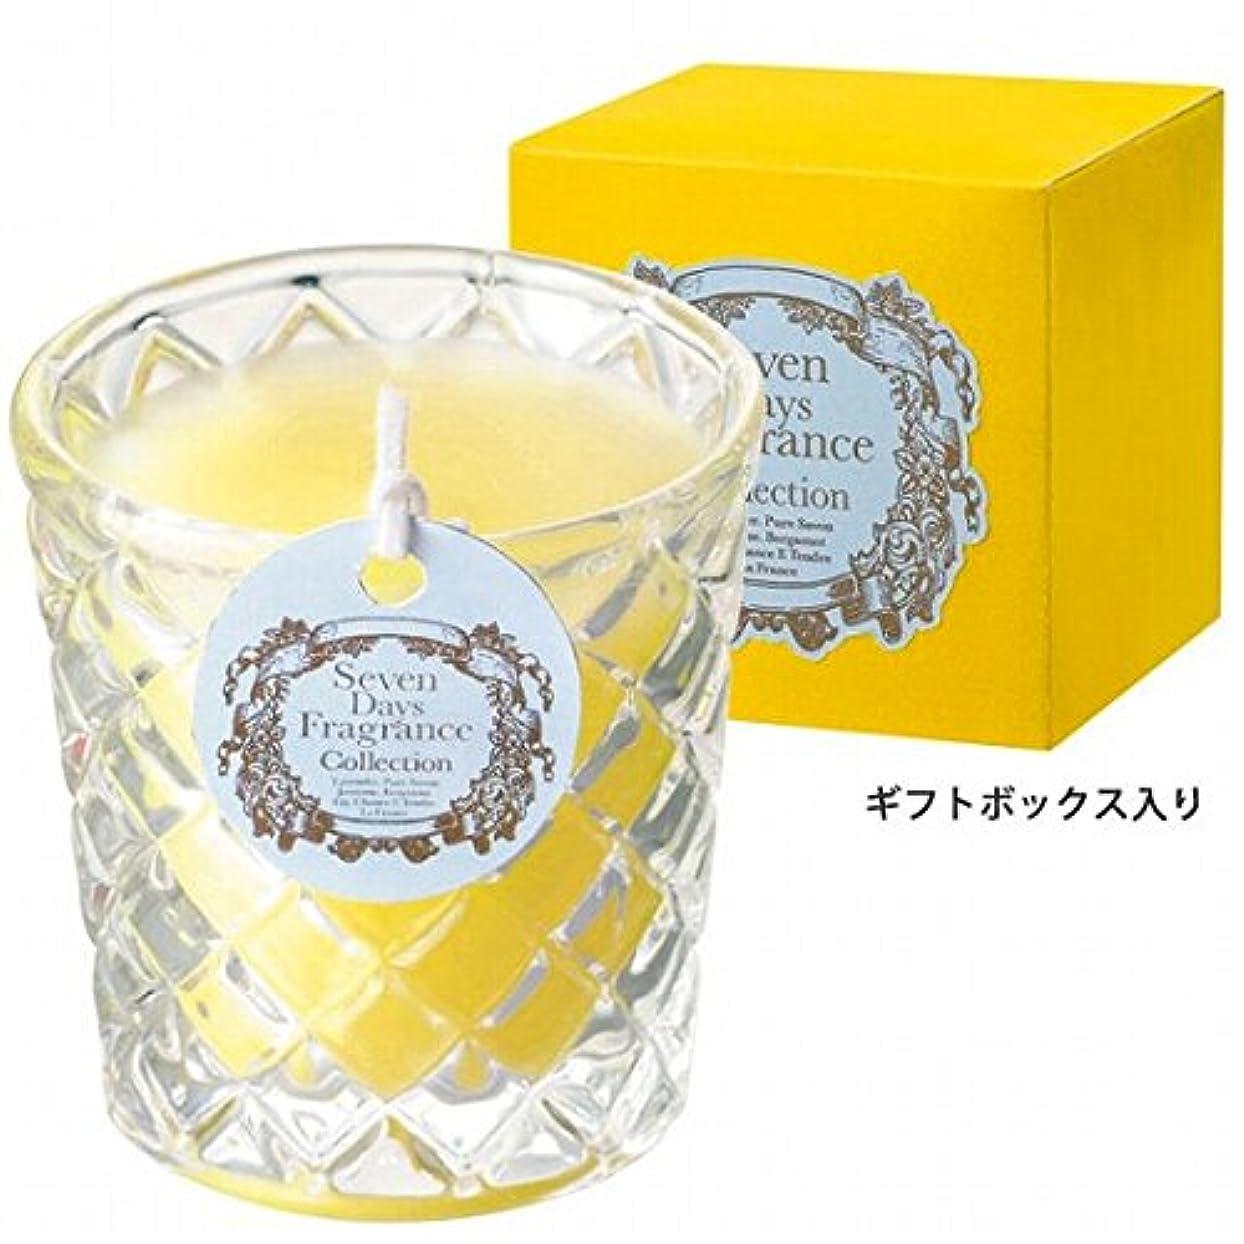 シャッフル運ぶ協力的カメヤマキャンドル(kameyama candle) セブンデイズグラスキャンドル(水曜日) 「 ベルガモット 」